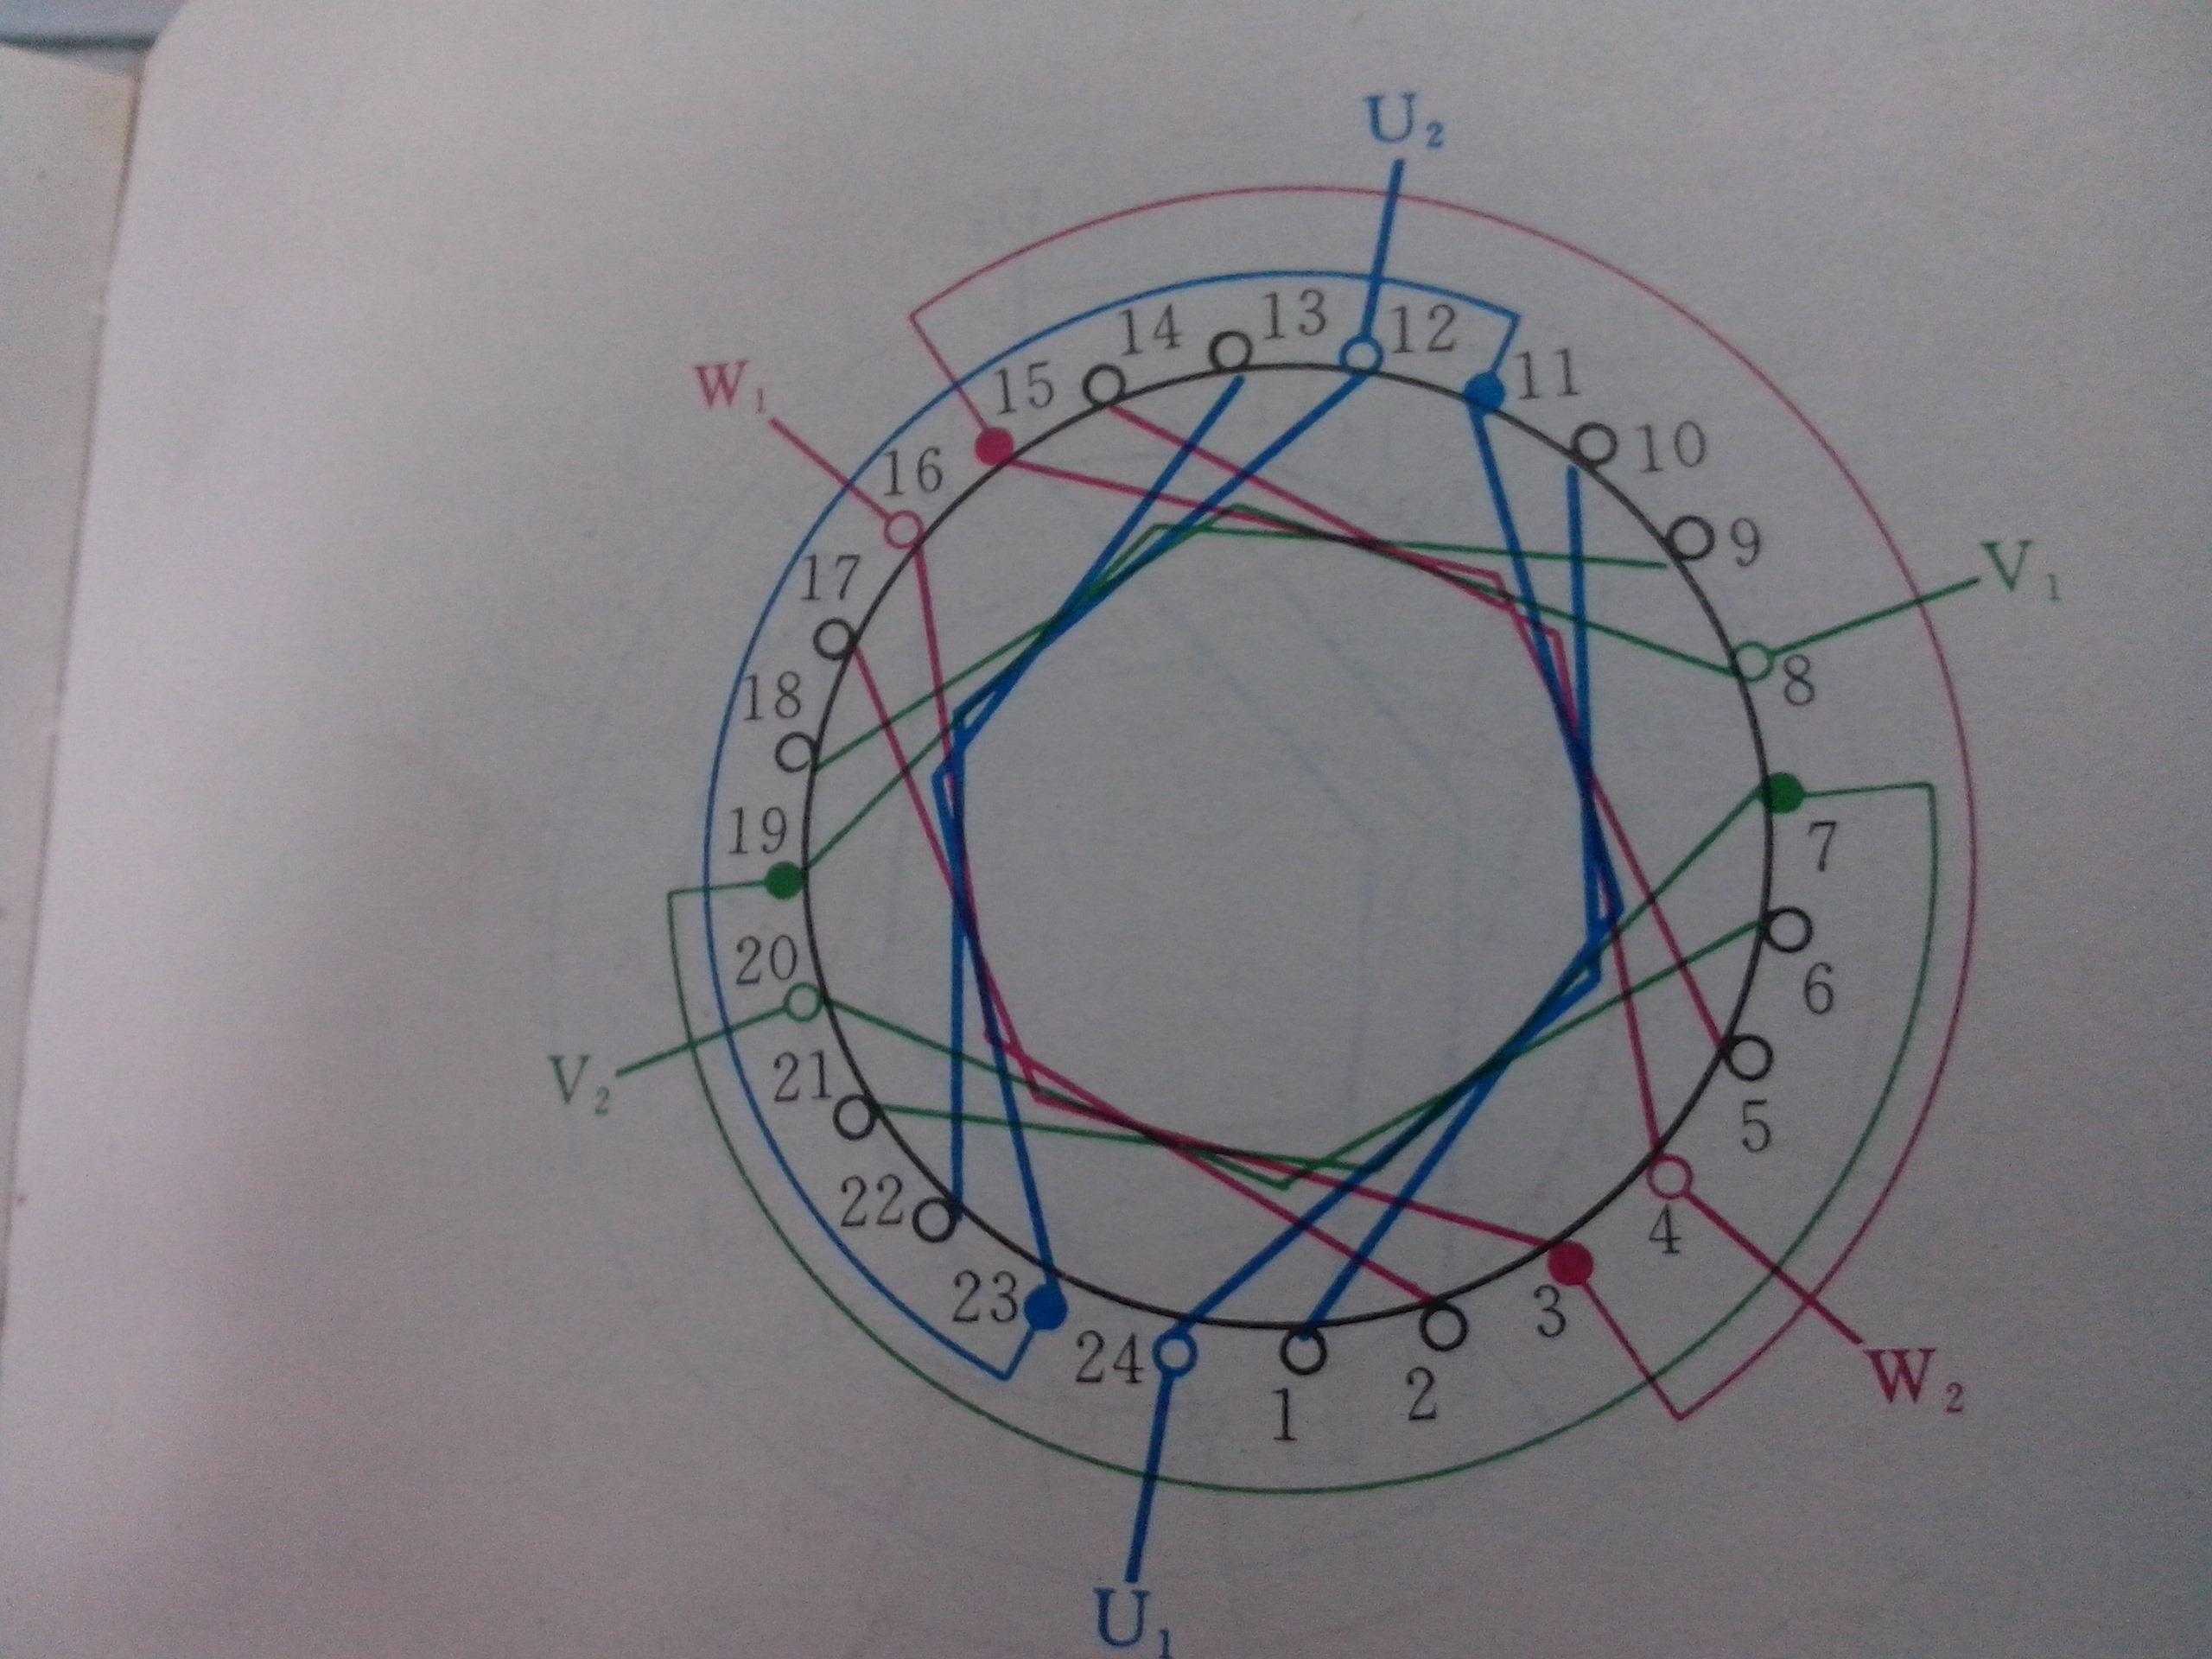 三相电动机绕组接法_三相电机绕组,求检查画的对不对,磁级,电流方向,跨线 ...